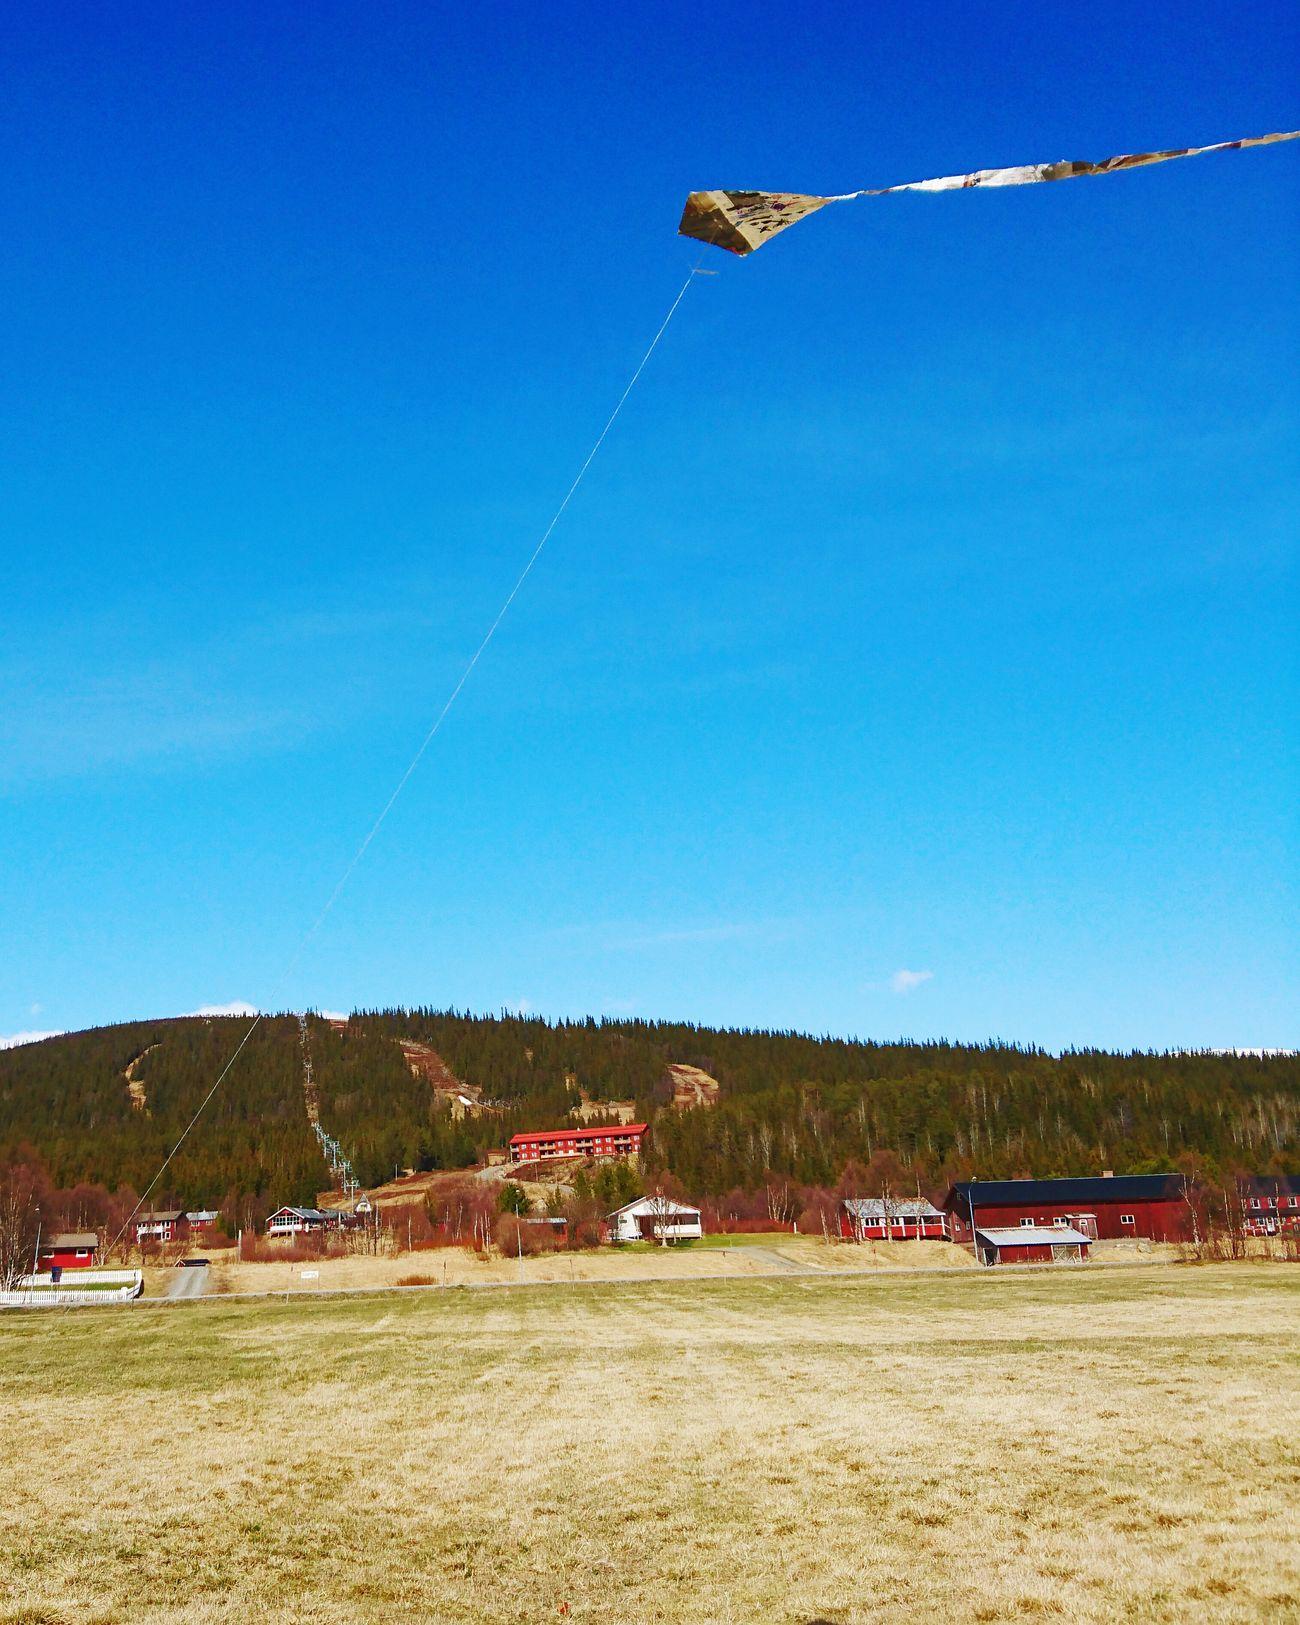 Flying A Kite Windy Day Blue Sky